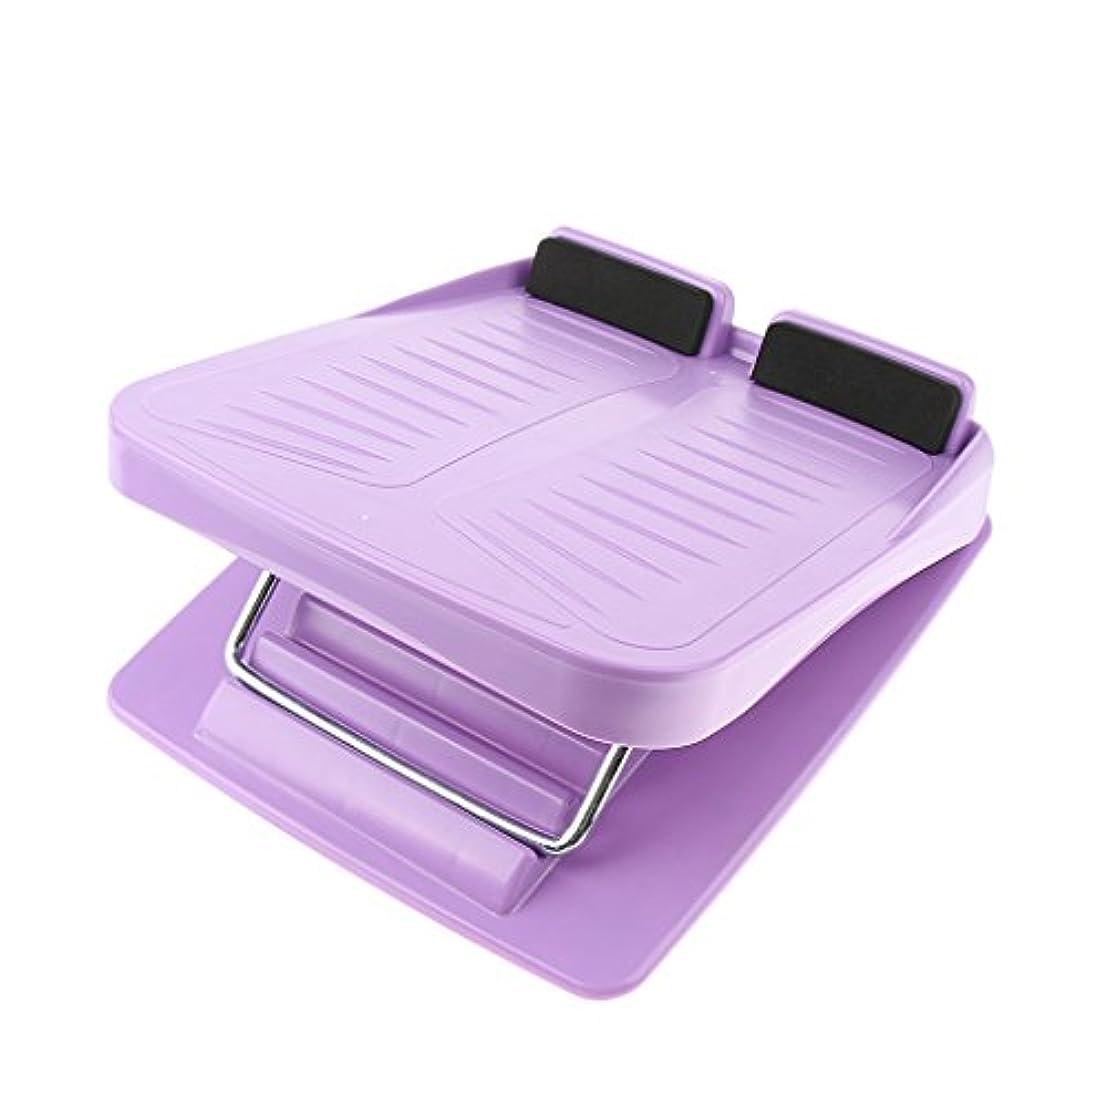 乗り出す出費がっかりしたストレッチボード ストレッチ台 調整可能 アンチスリップ カーフストレッチ 斜面ボード 全3色 - 紫の